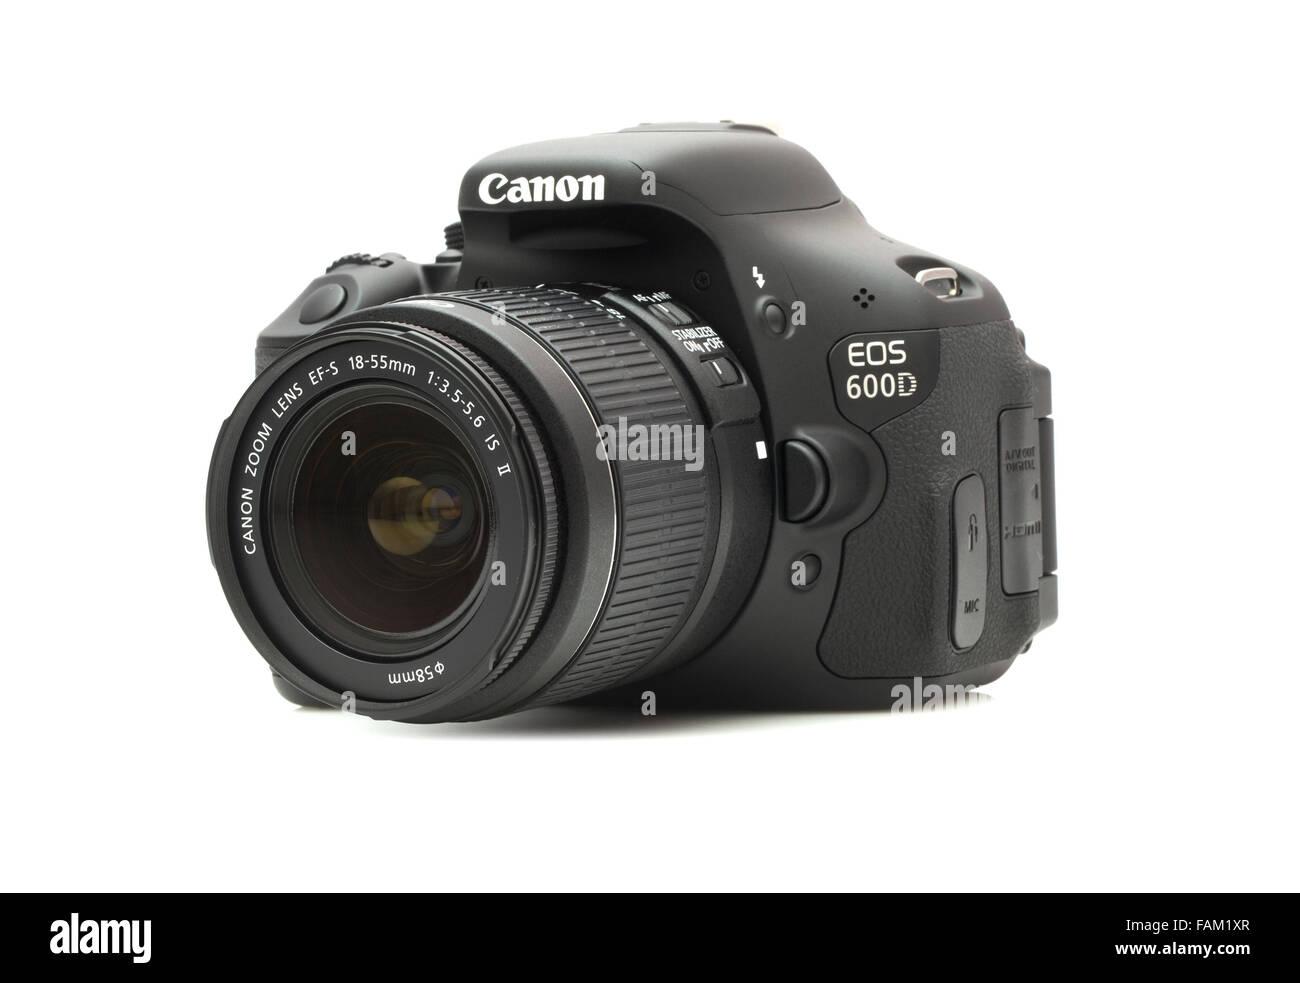 Canon 600D fotocamera reflex digitale su sfondo bianco Immagini Stock